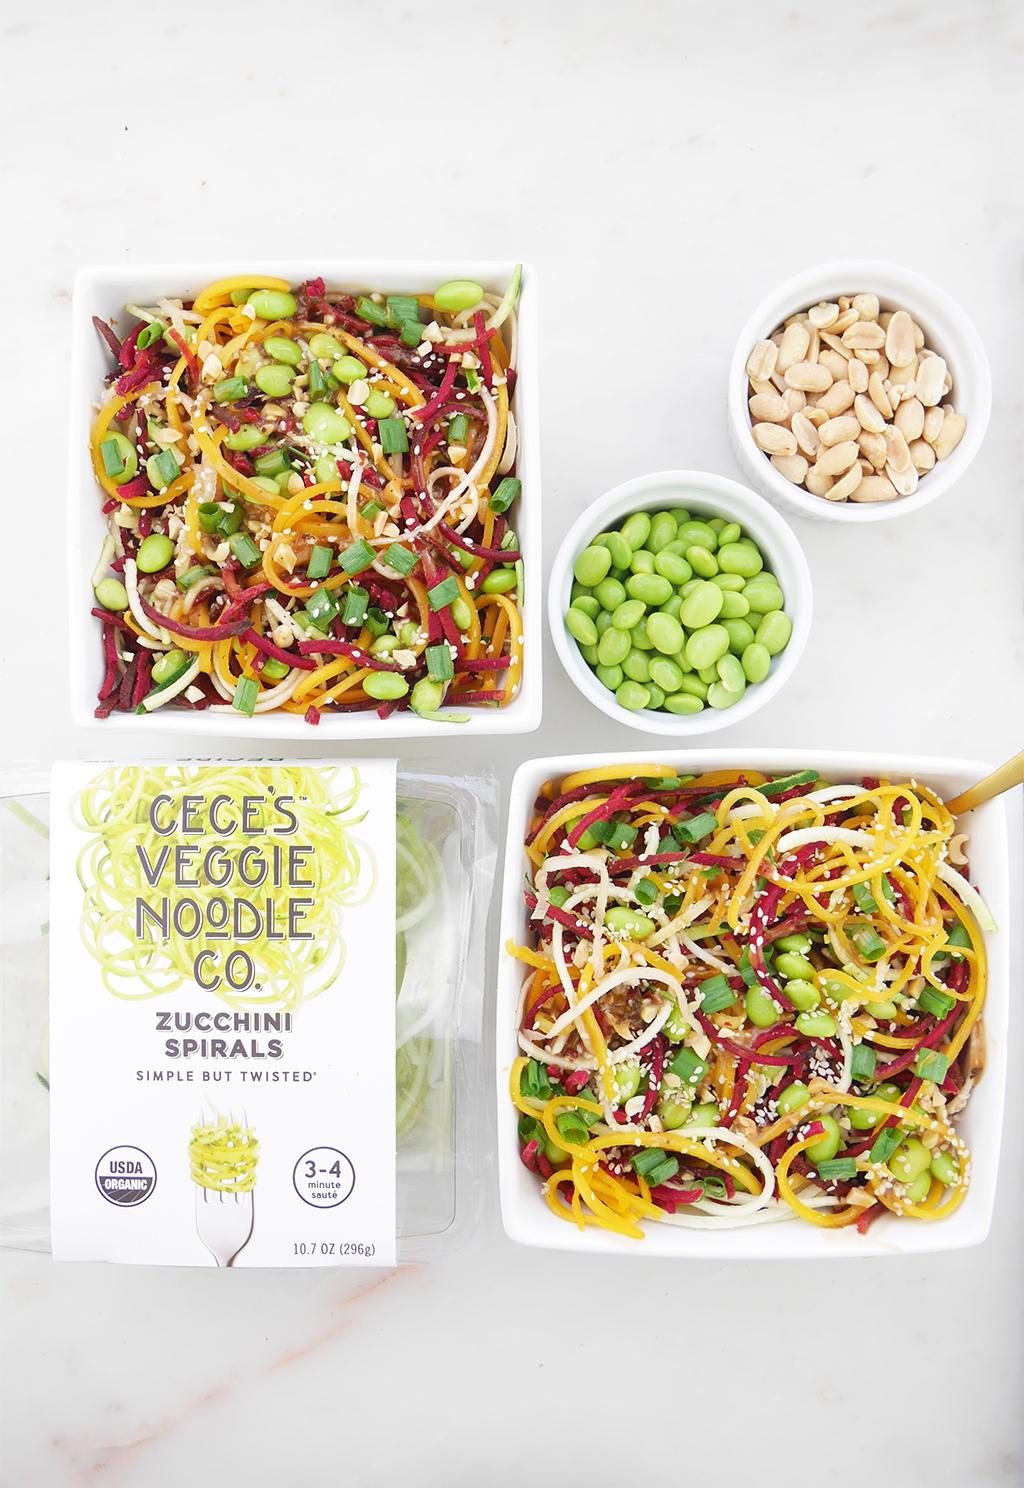 Cece's Veggie Co. organic zucchini, beet, butternut squash spirals